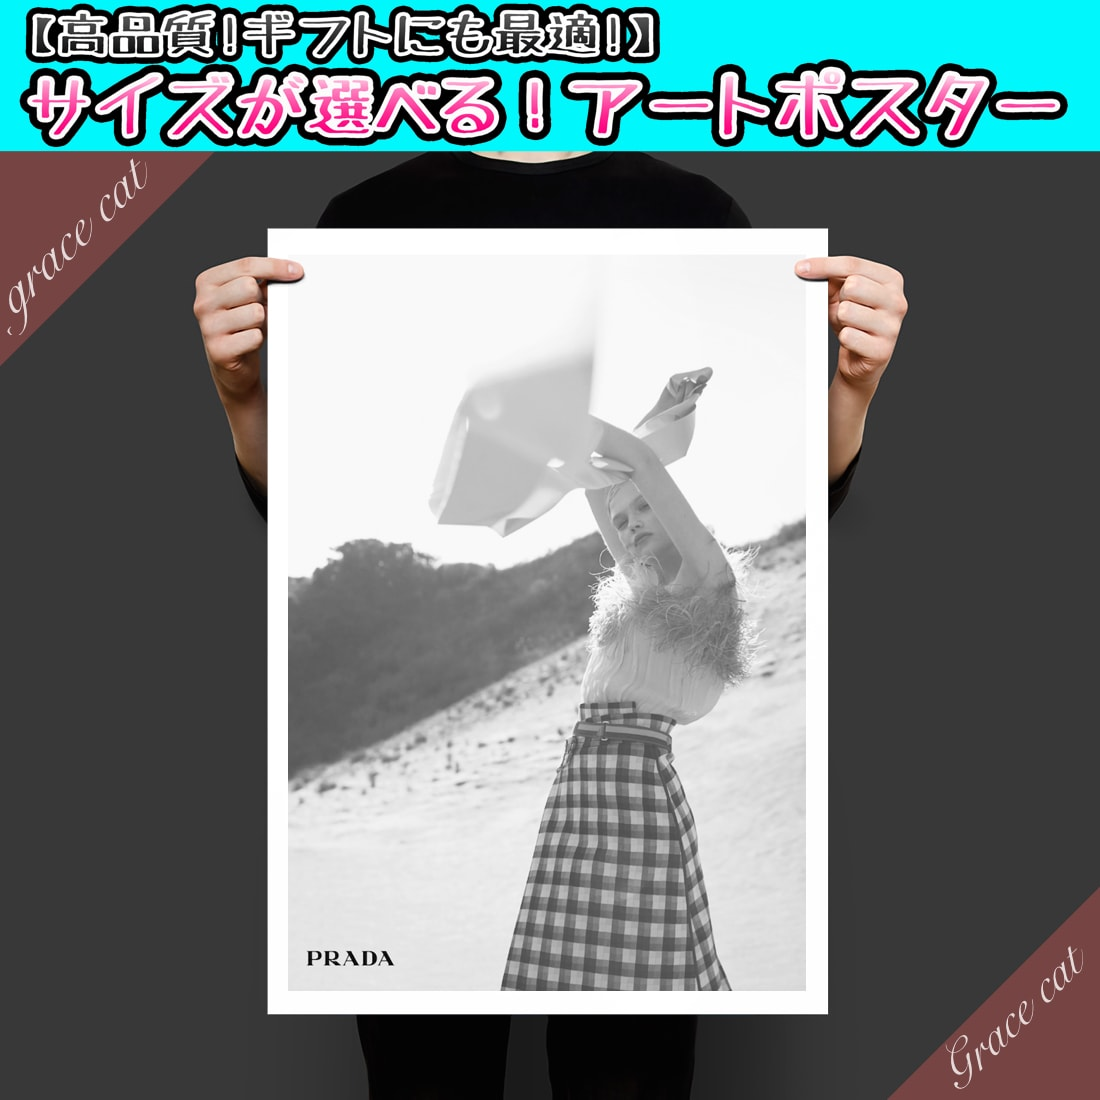 【 Grace cat Art 】サイズが選べるアートポスター / アートパネル / キャンバスパネル アート / グラフィック アート / インテリア アート / パロディアート / ギフト 【 オマージュモチーフ:PRADA / プラダ 】